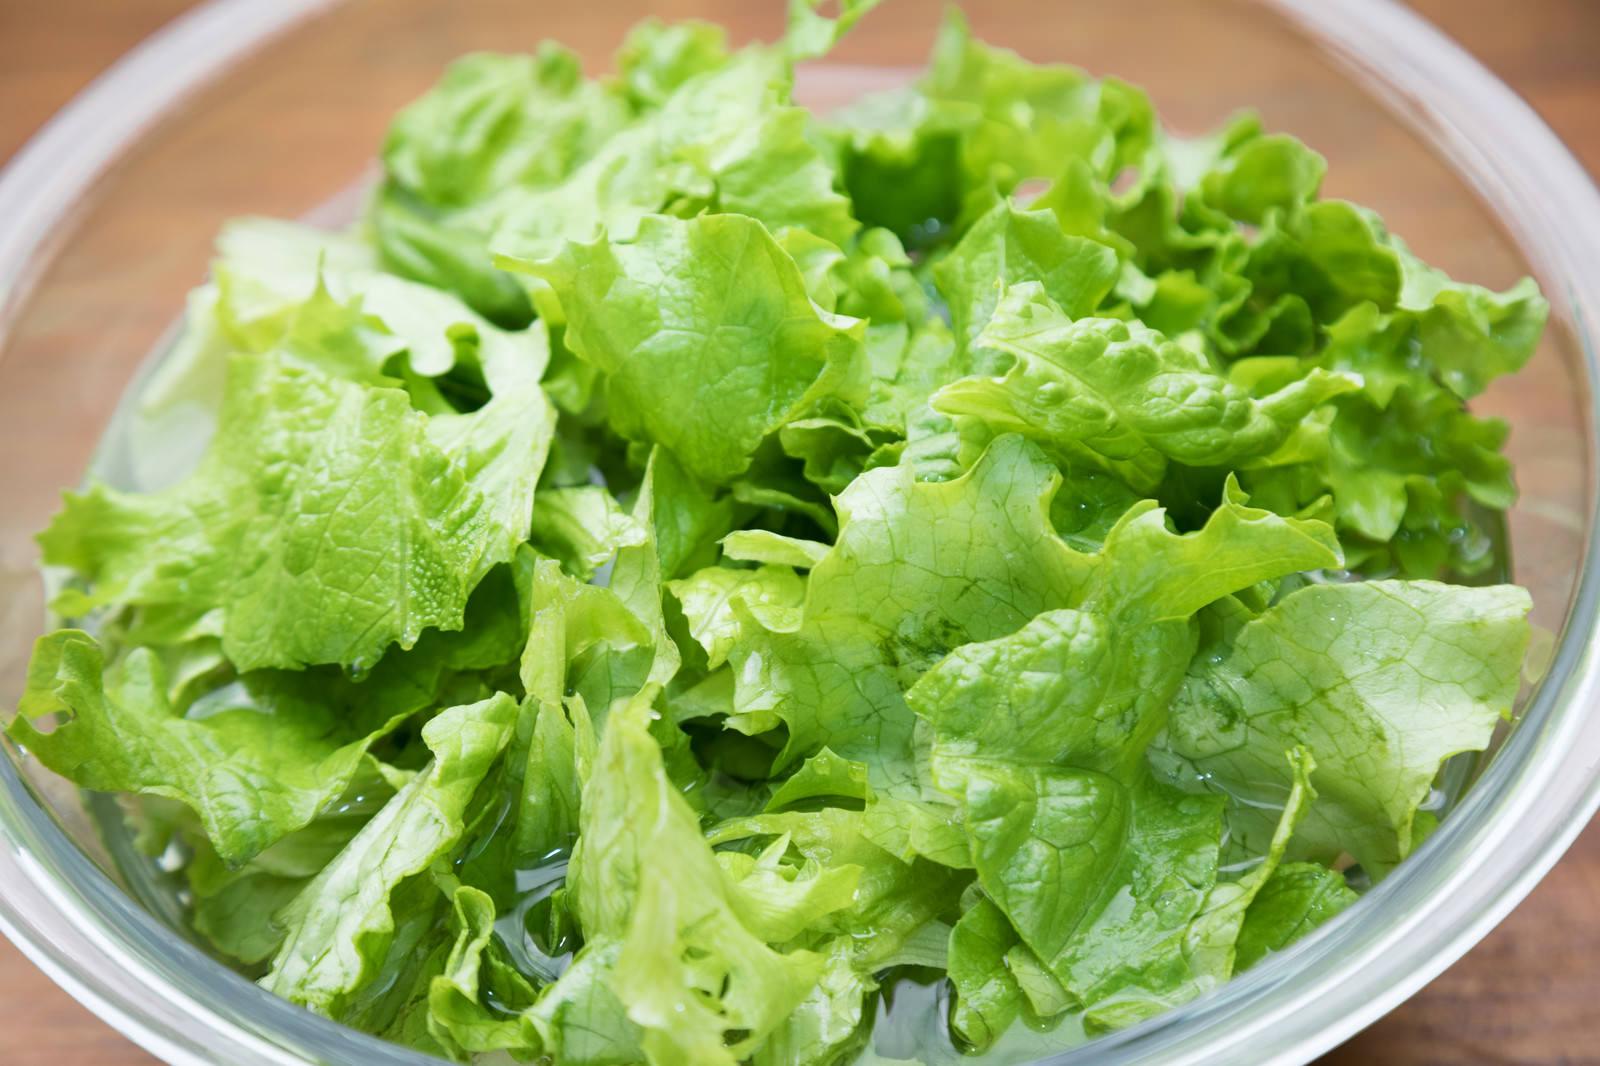 「サラダ用のグリーンレタス」の写真